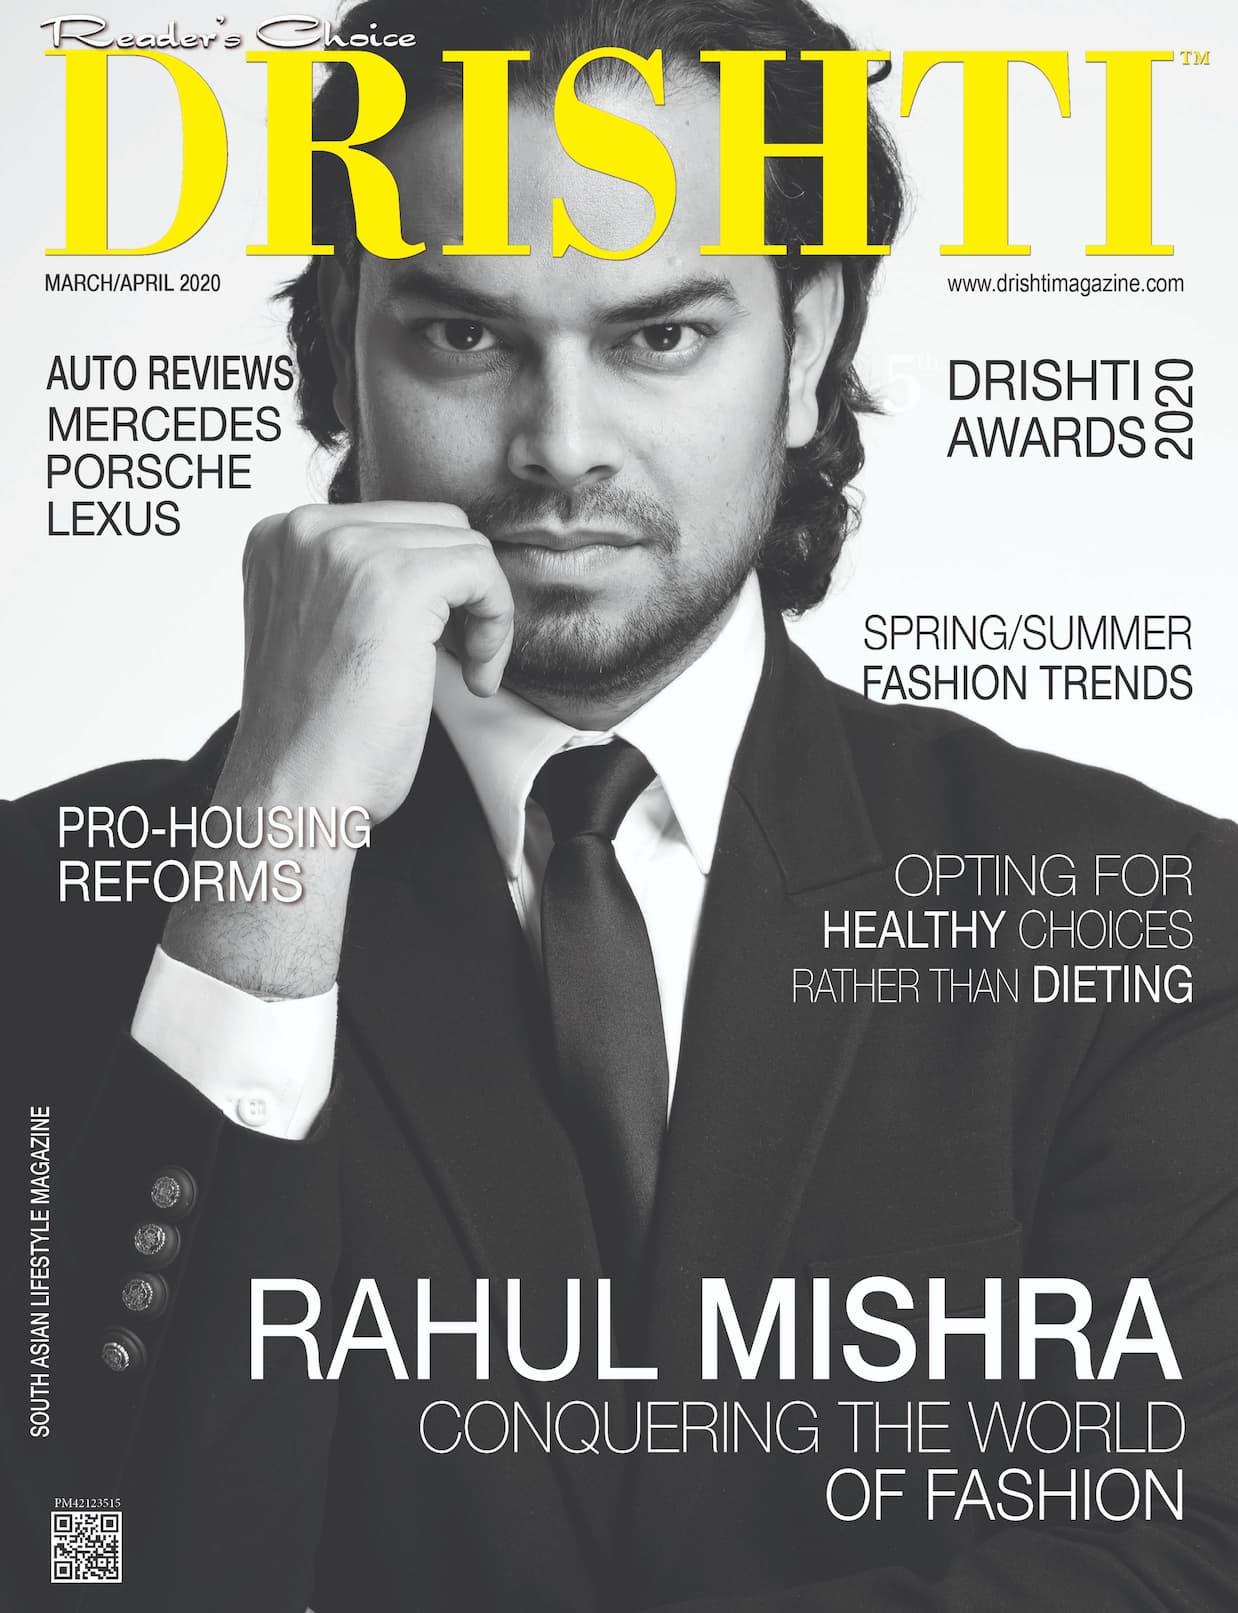 Drishti Magazine March and April 2020